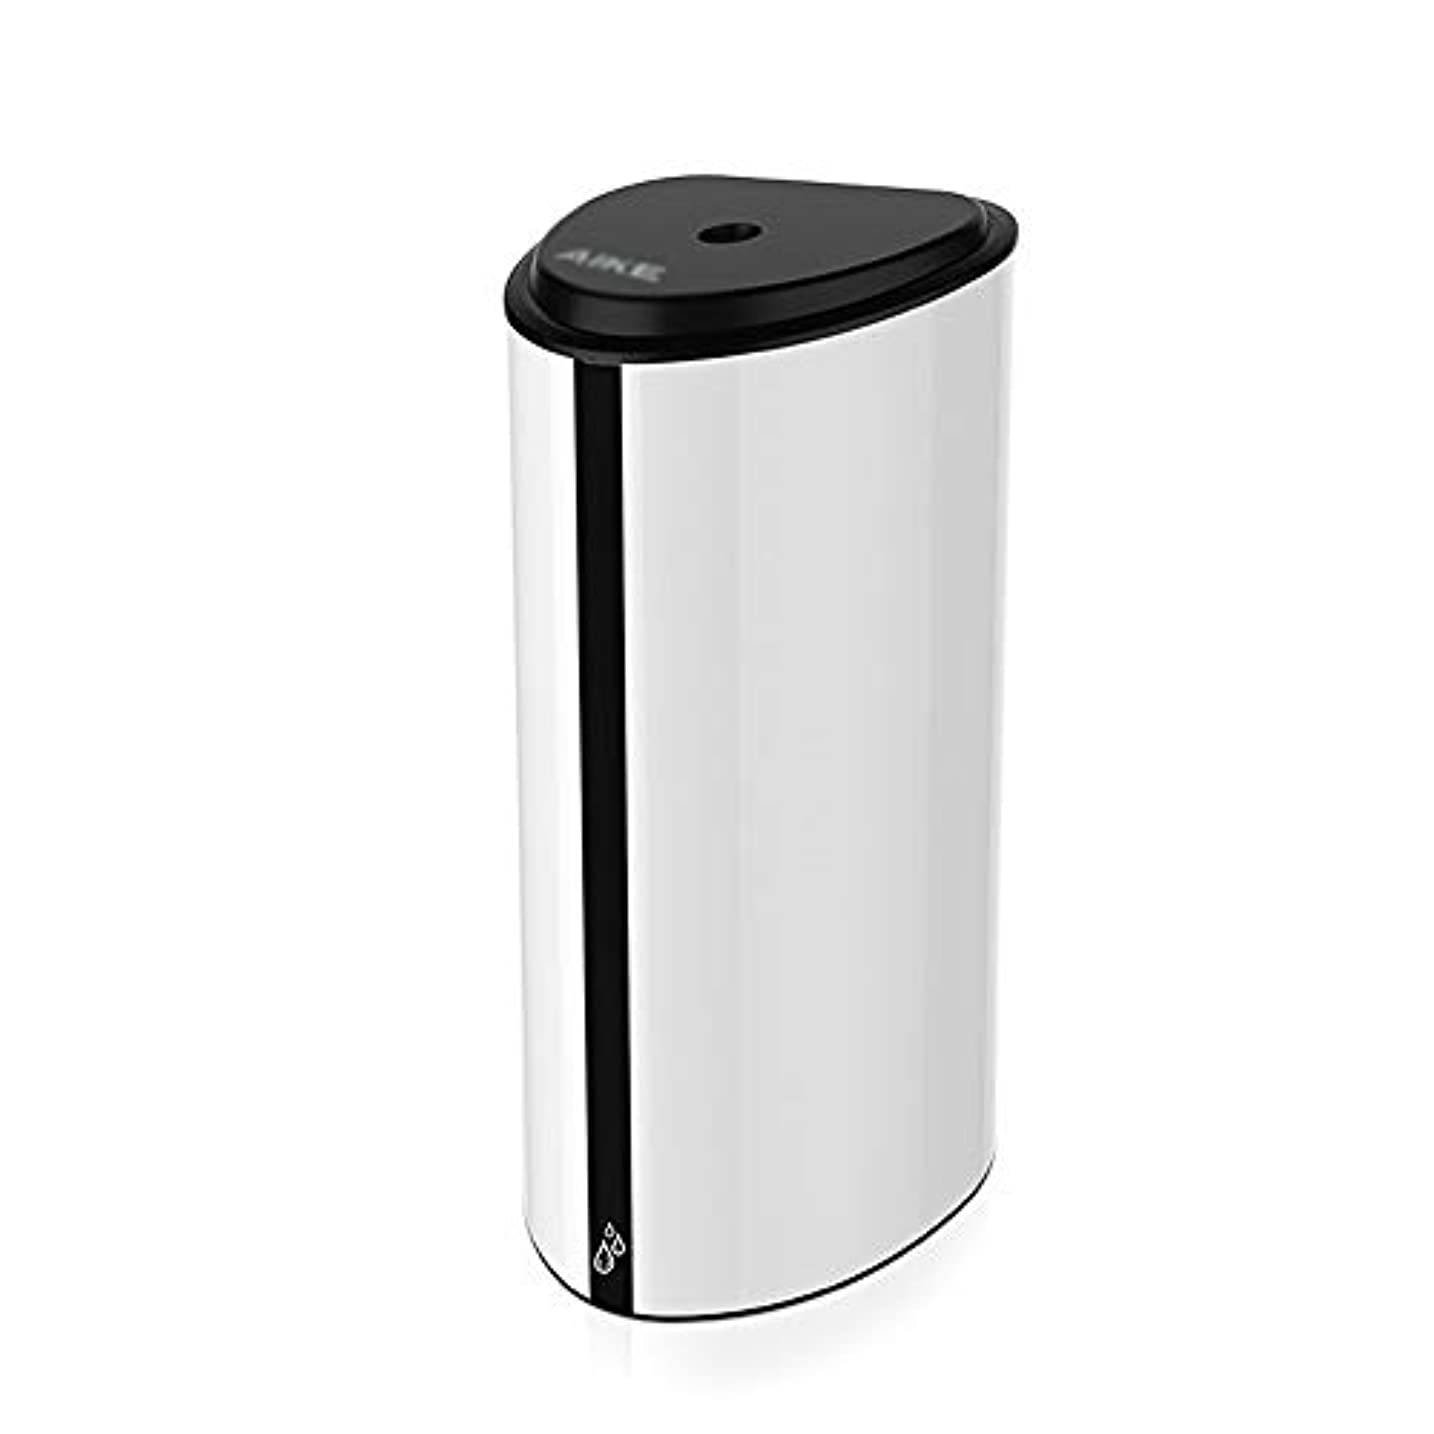 一次ナインへアレンジソープディスペンサー 800ミリリットル容量の自動ソープディスペンサーは、タッチレスバッテリーは、ハンズフリーソープディスペンサーを運営しました ハンドソープ 食器用洗剤 キッチン 洗面所などに適用 (Color : White...